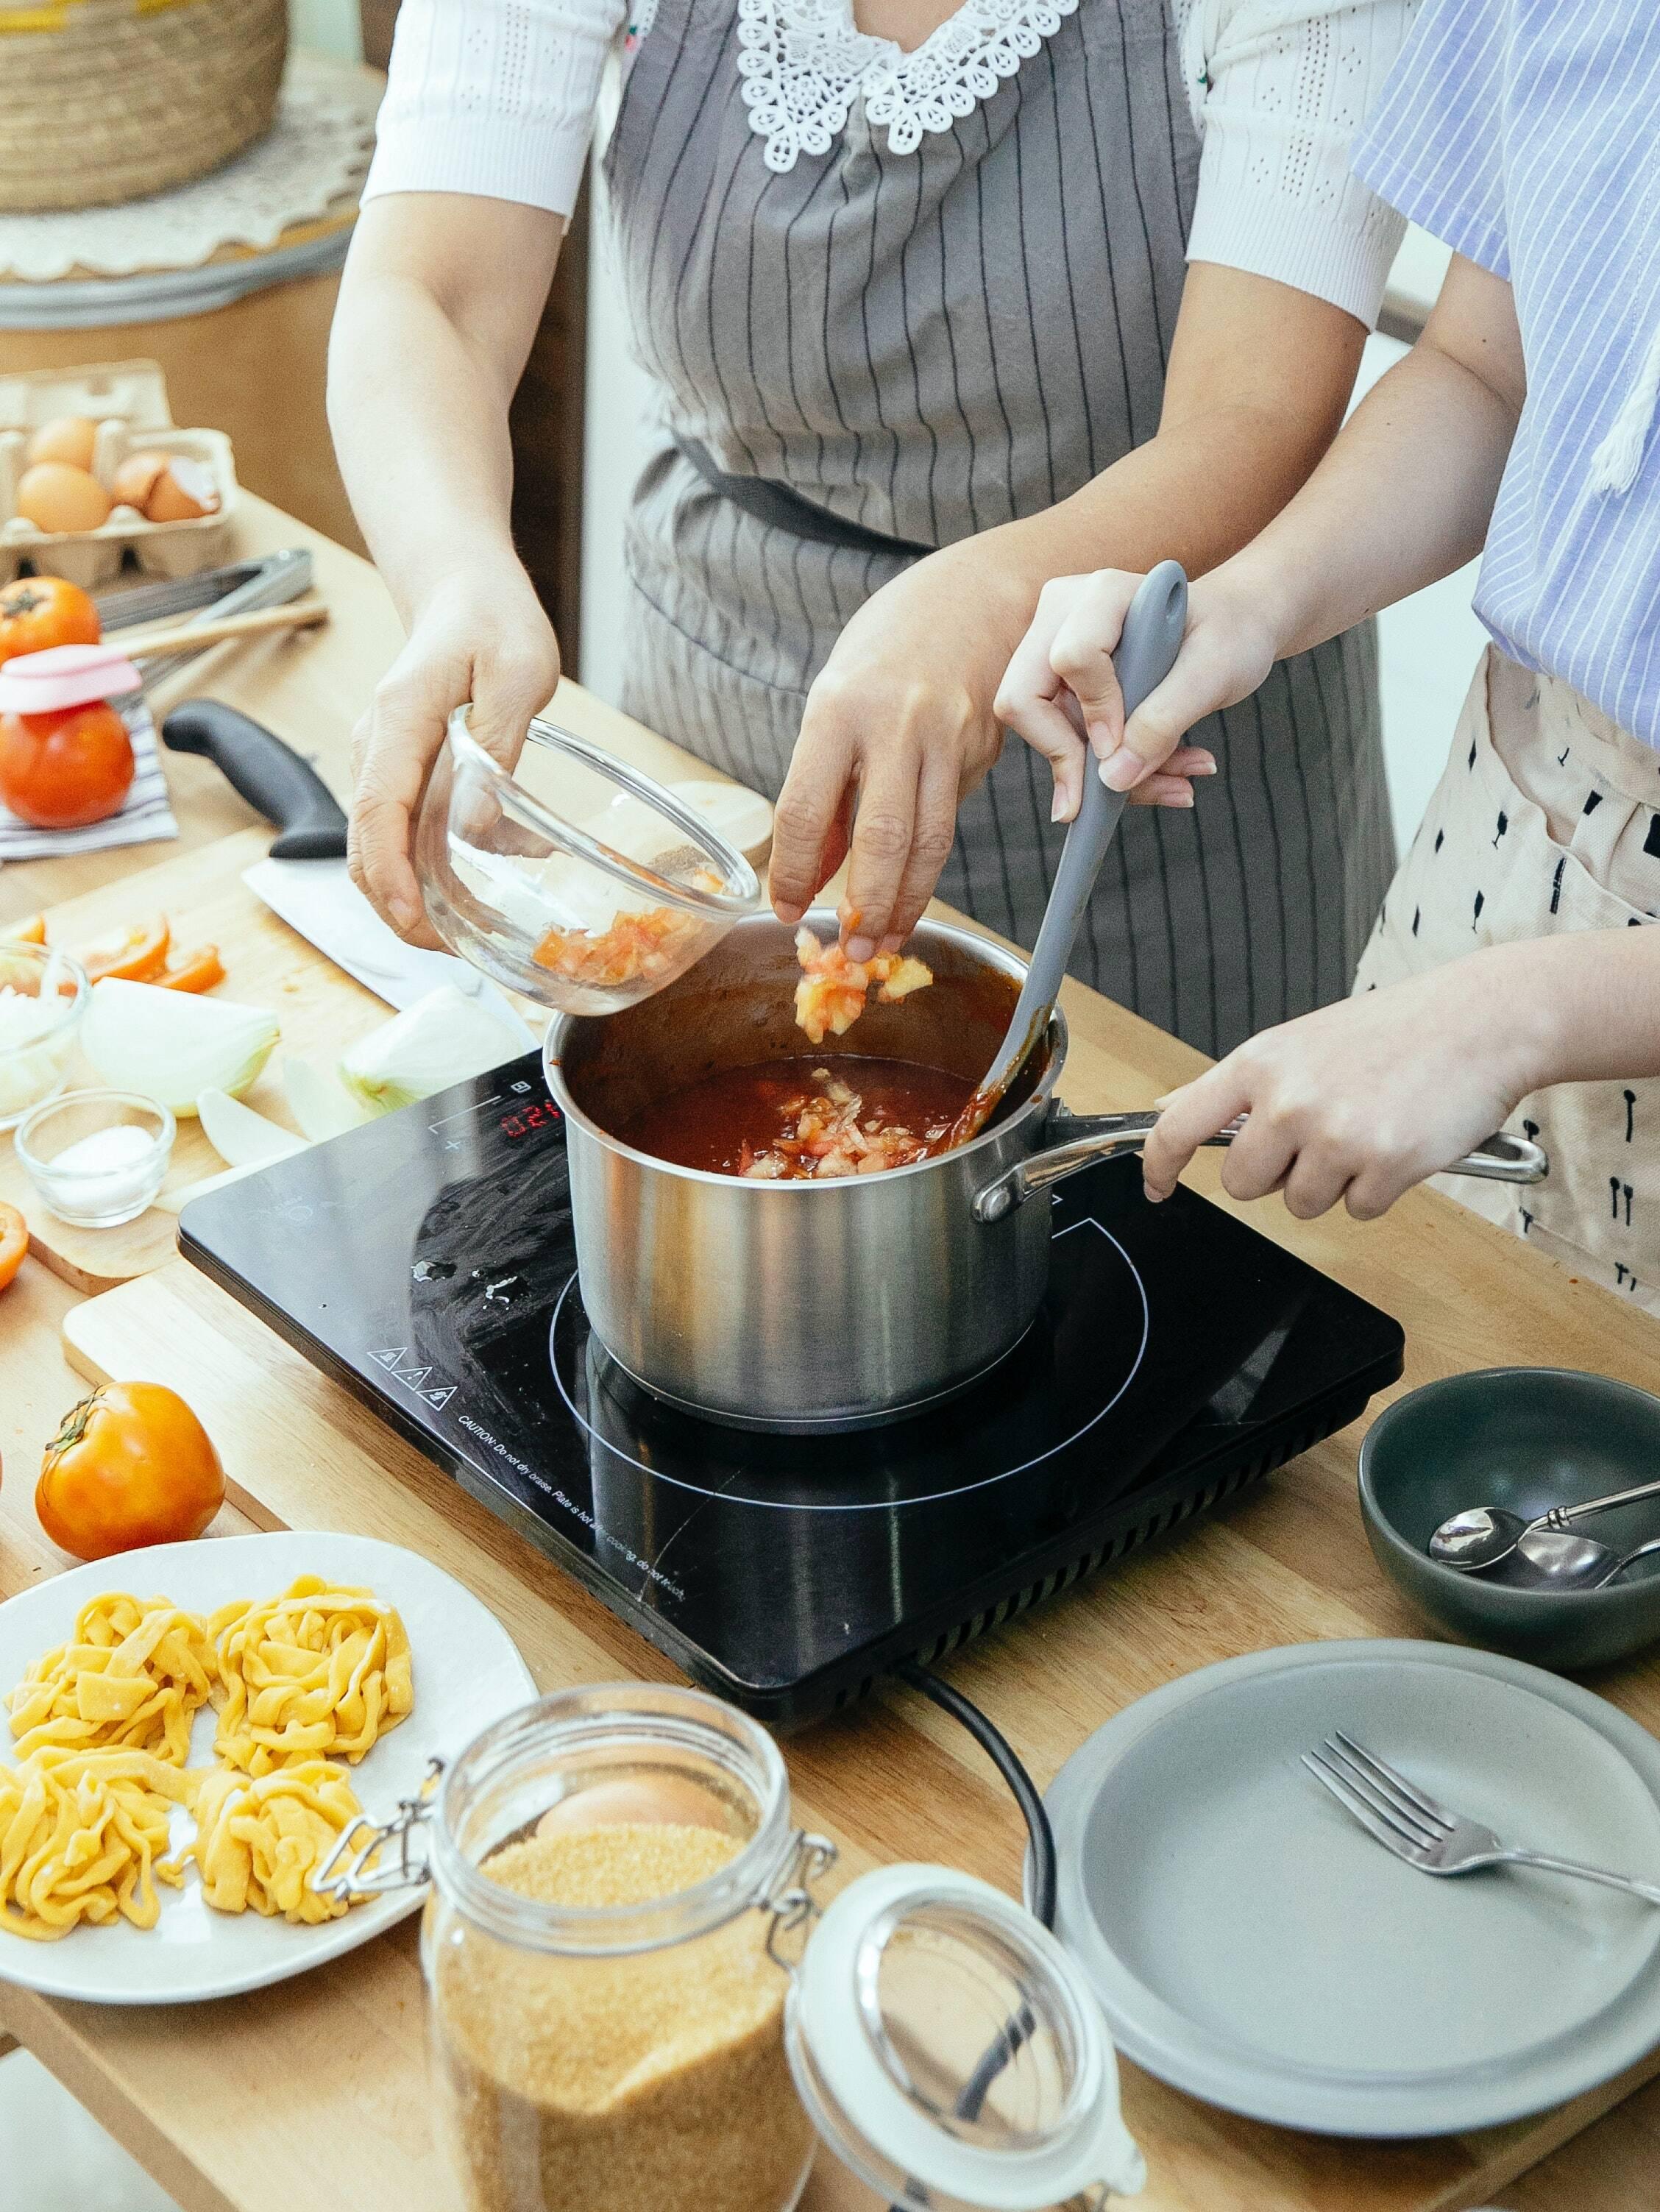 A primeira coisa é você colocar a água para ferver. Enquanto isso, aproveite para cortar a pele do bacon e reserve. Uma dica é cortar o bacon em tiras. Em seguida, bata bem os ovos e as gemas e acrescente sal e pimenta. Em seguida, adicione o queijo e misture com energia. (Foto: Pexels)